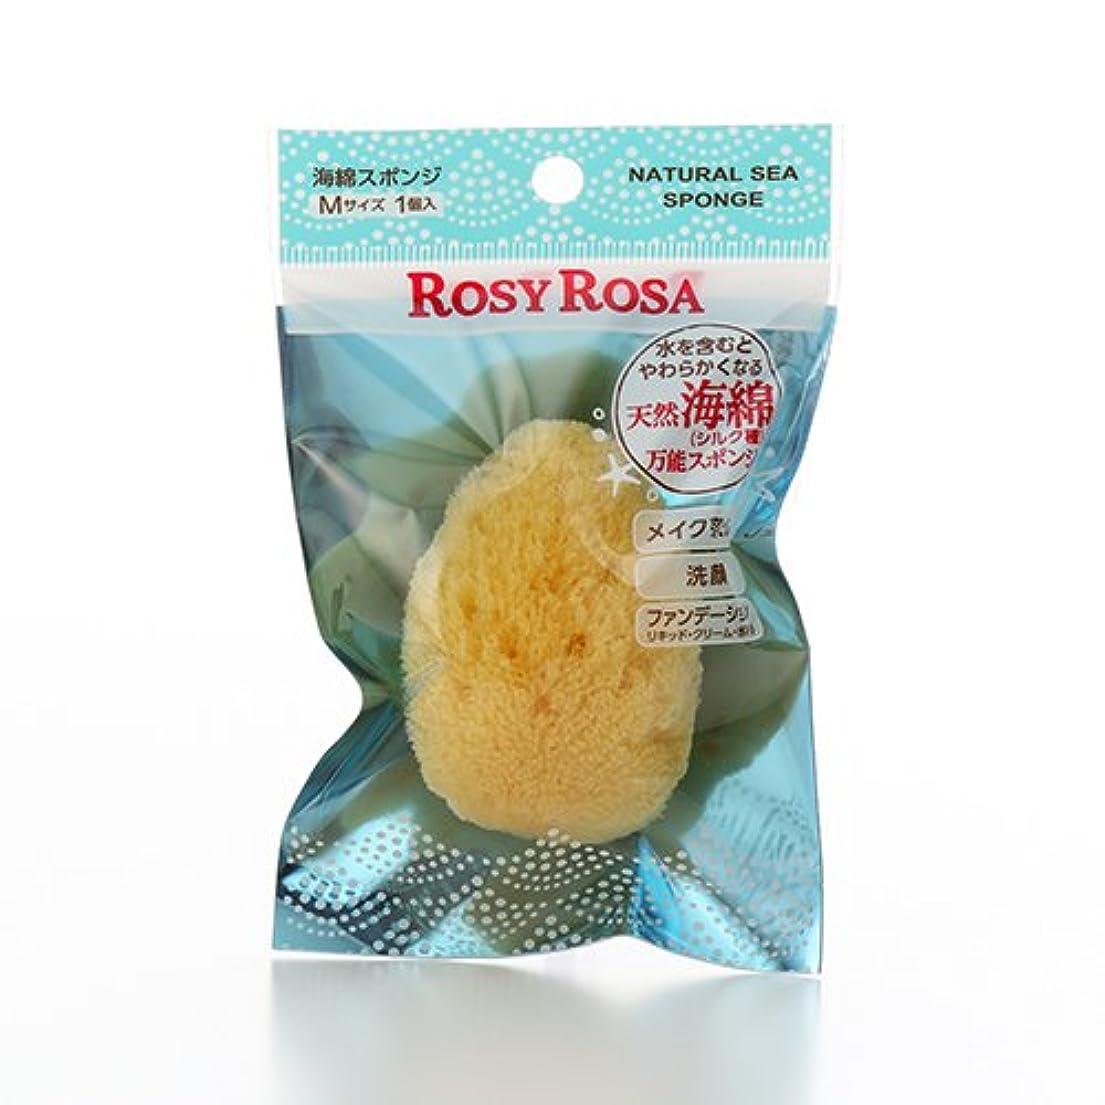 少ない歴史的光沢のあるロージーローザ 天然海綿スポンジ Mサイズ 1個入 【水を含むとやわらかくなる天然海綿(シルク種) メイク落とし、洗顔、ファンデーションに】